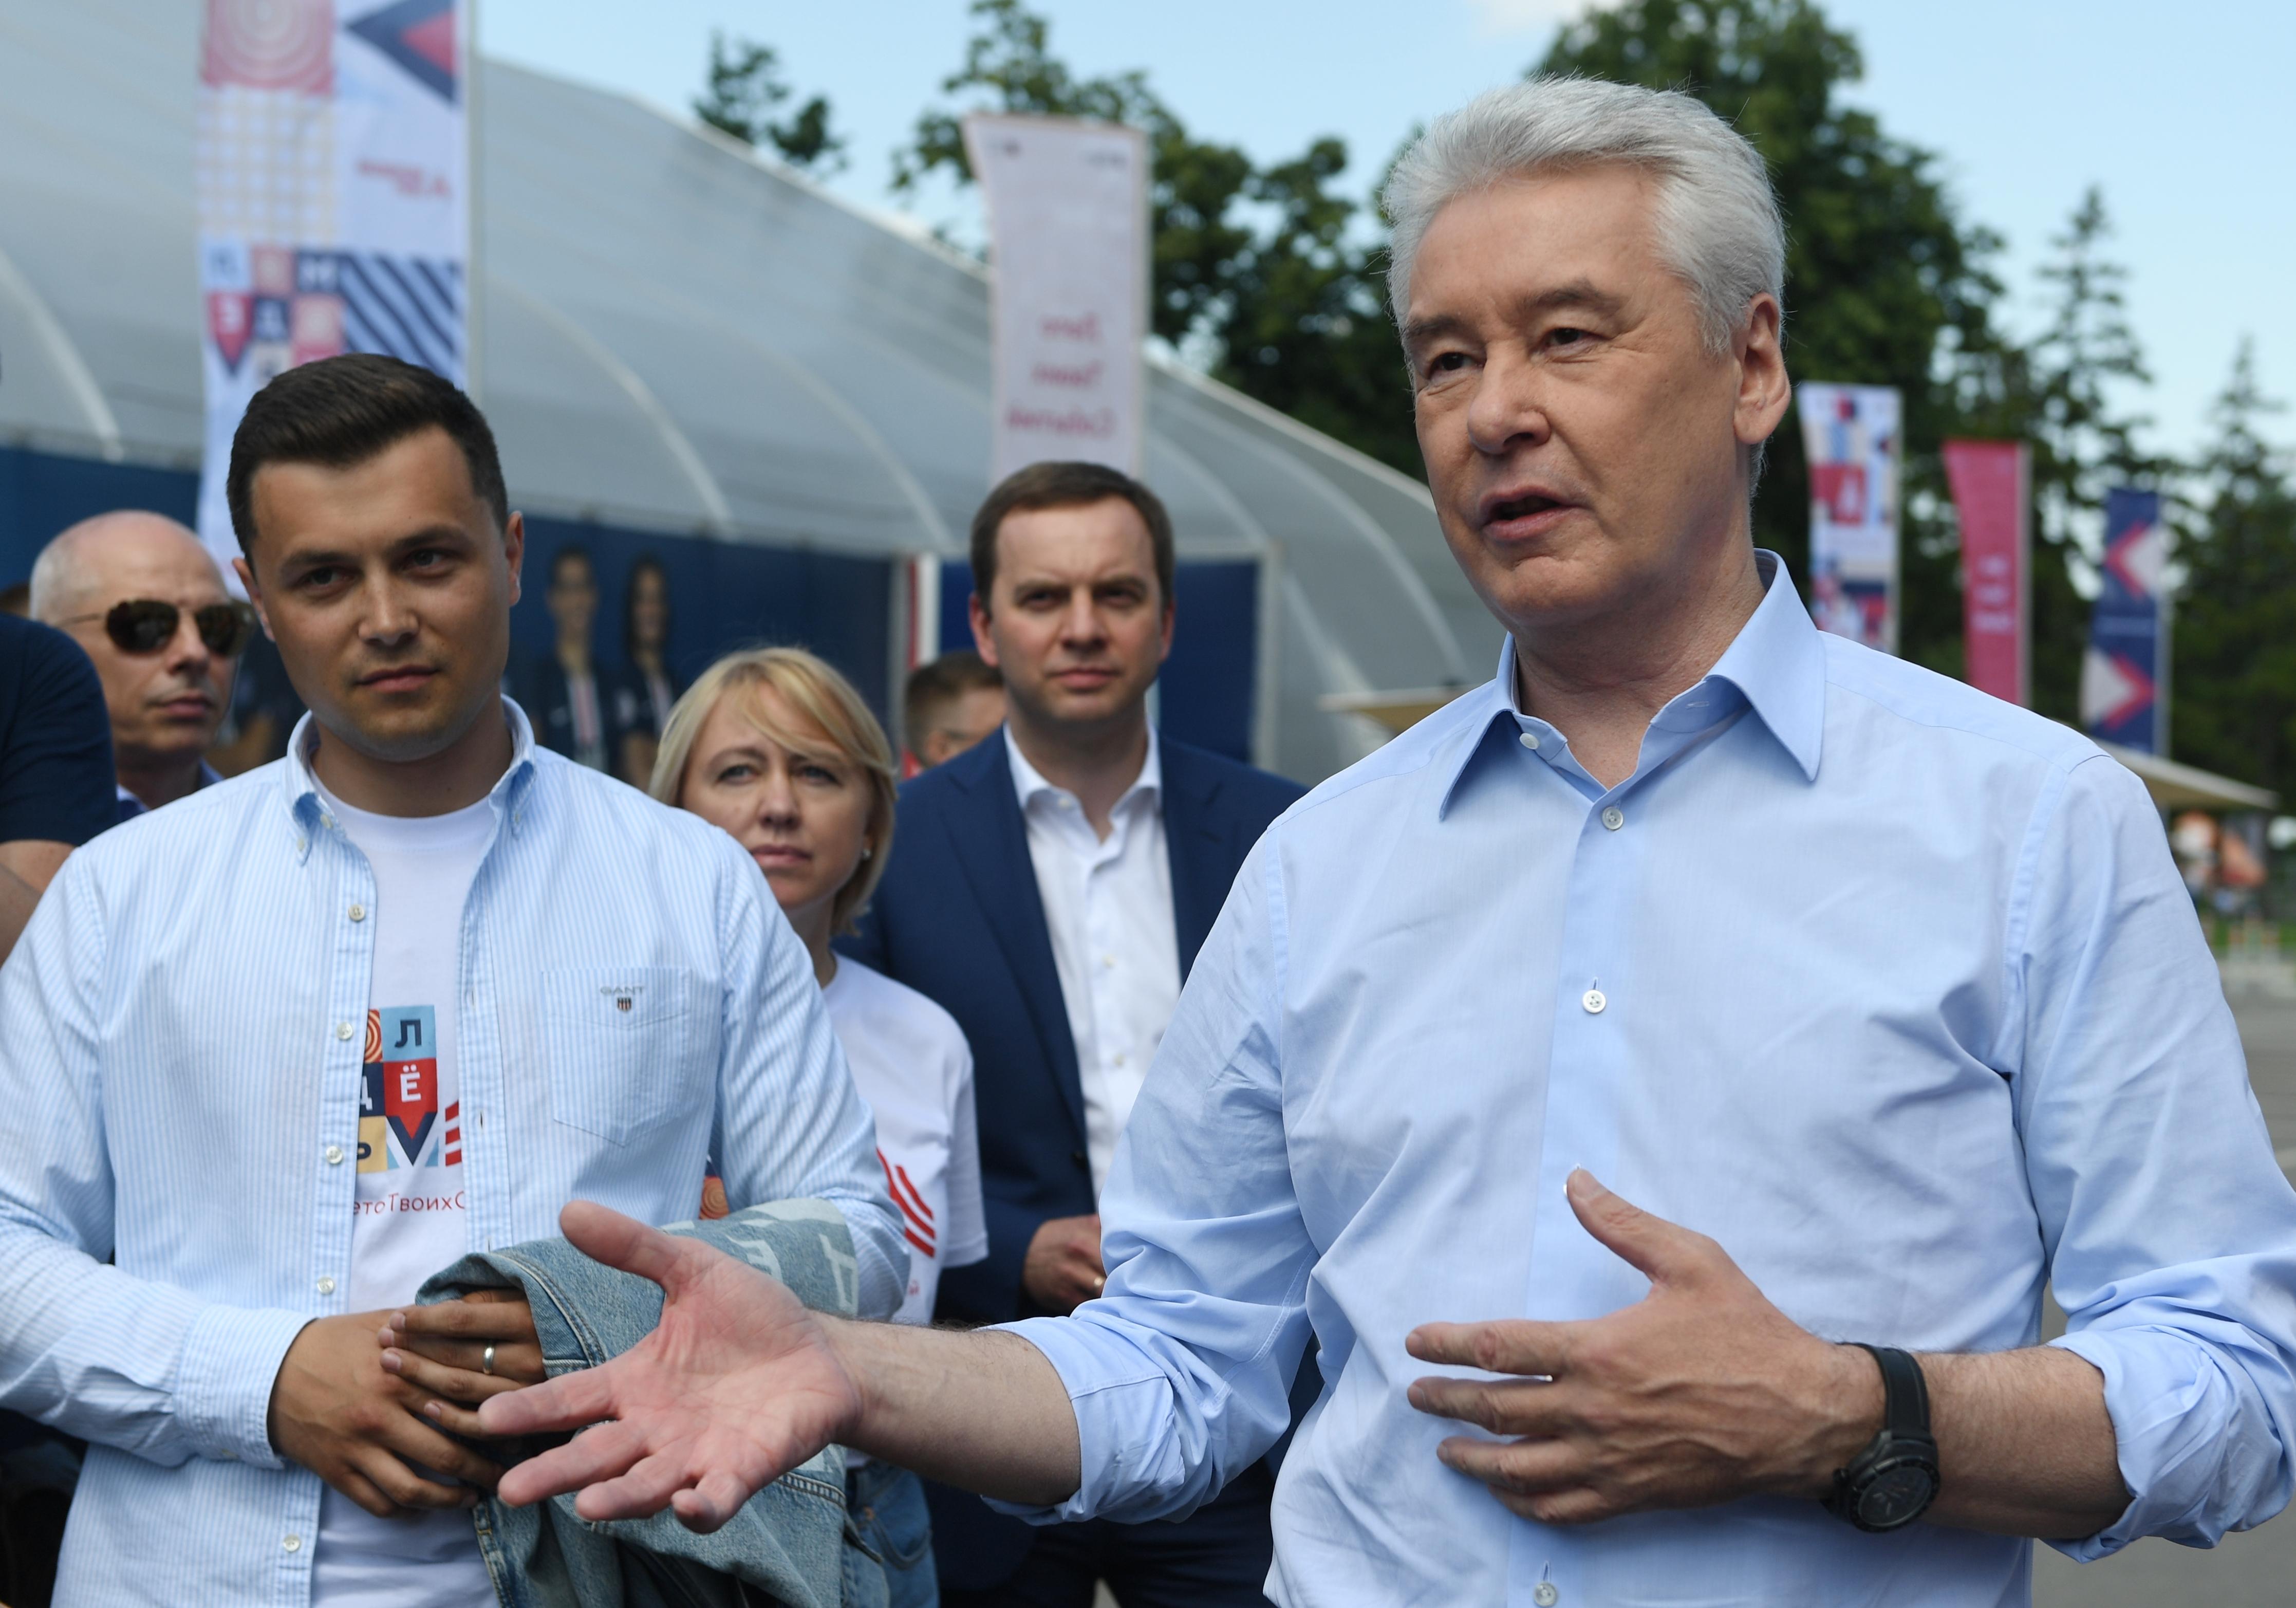 Сергей Собянин: Жизнь доказала, что мы приняли верное решение